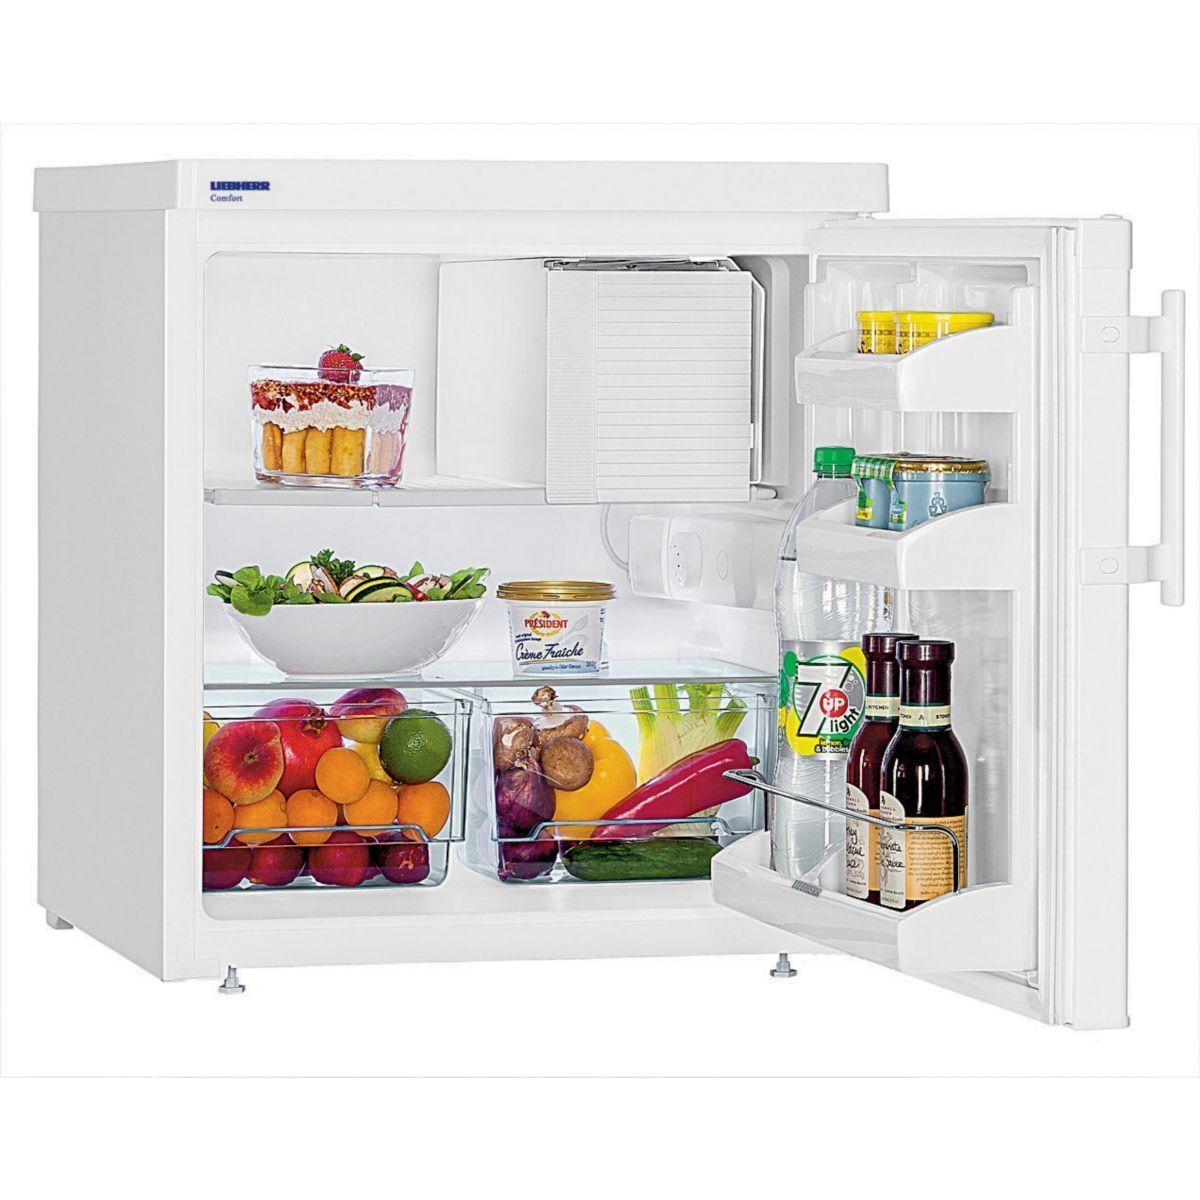 Mini Refrigerateur Tx 1021 2 Taille Taille Unique Refrigerateur Sous Plan Frigo Sous Plan Et Petit Frigo Encastrable